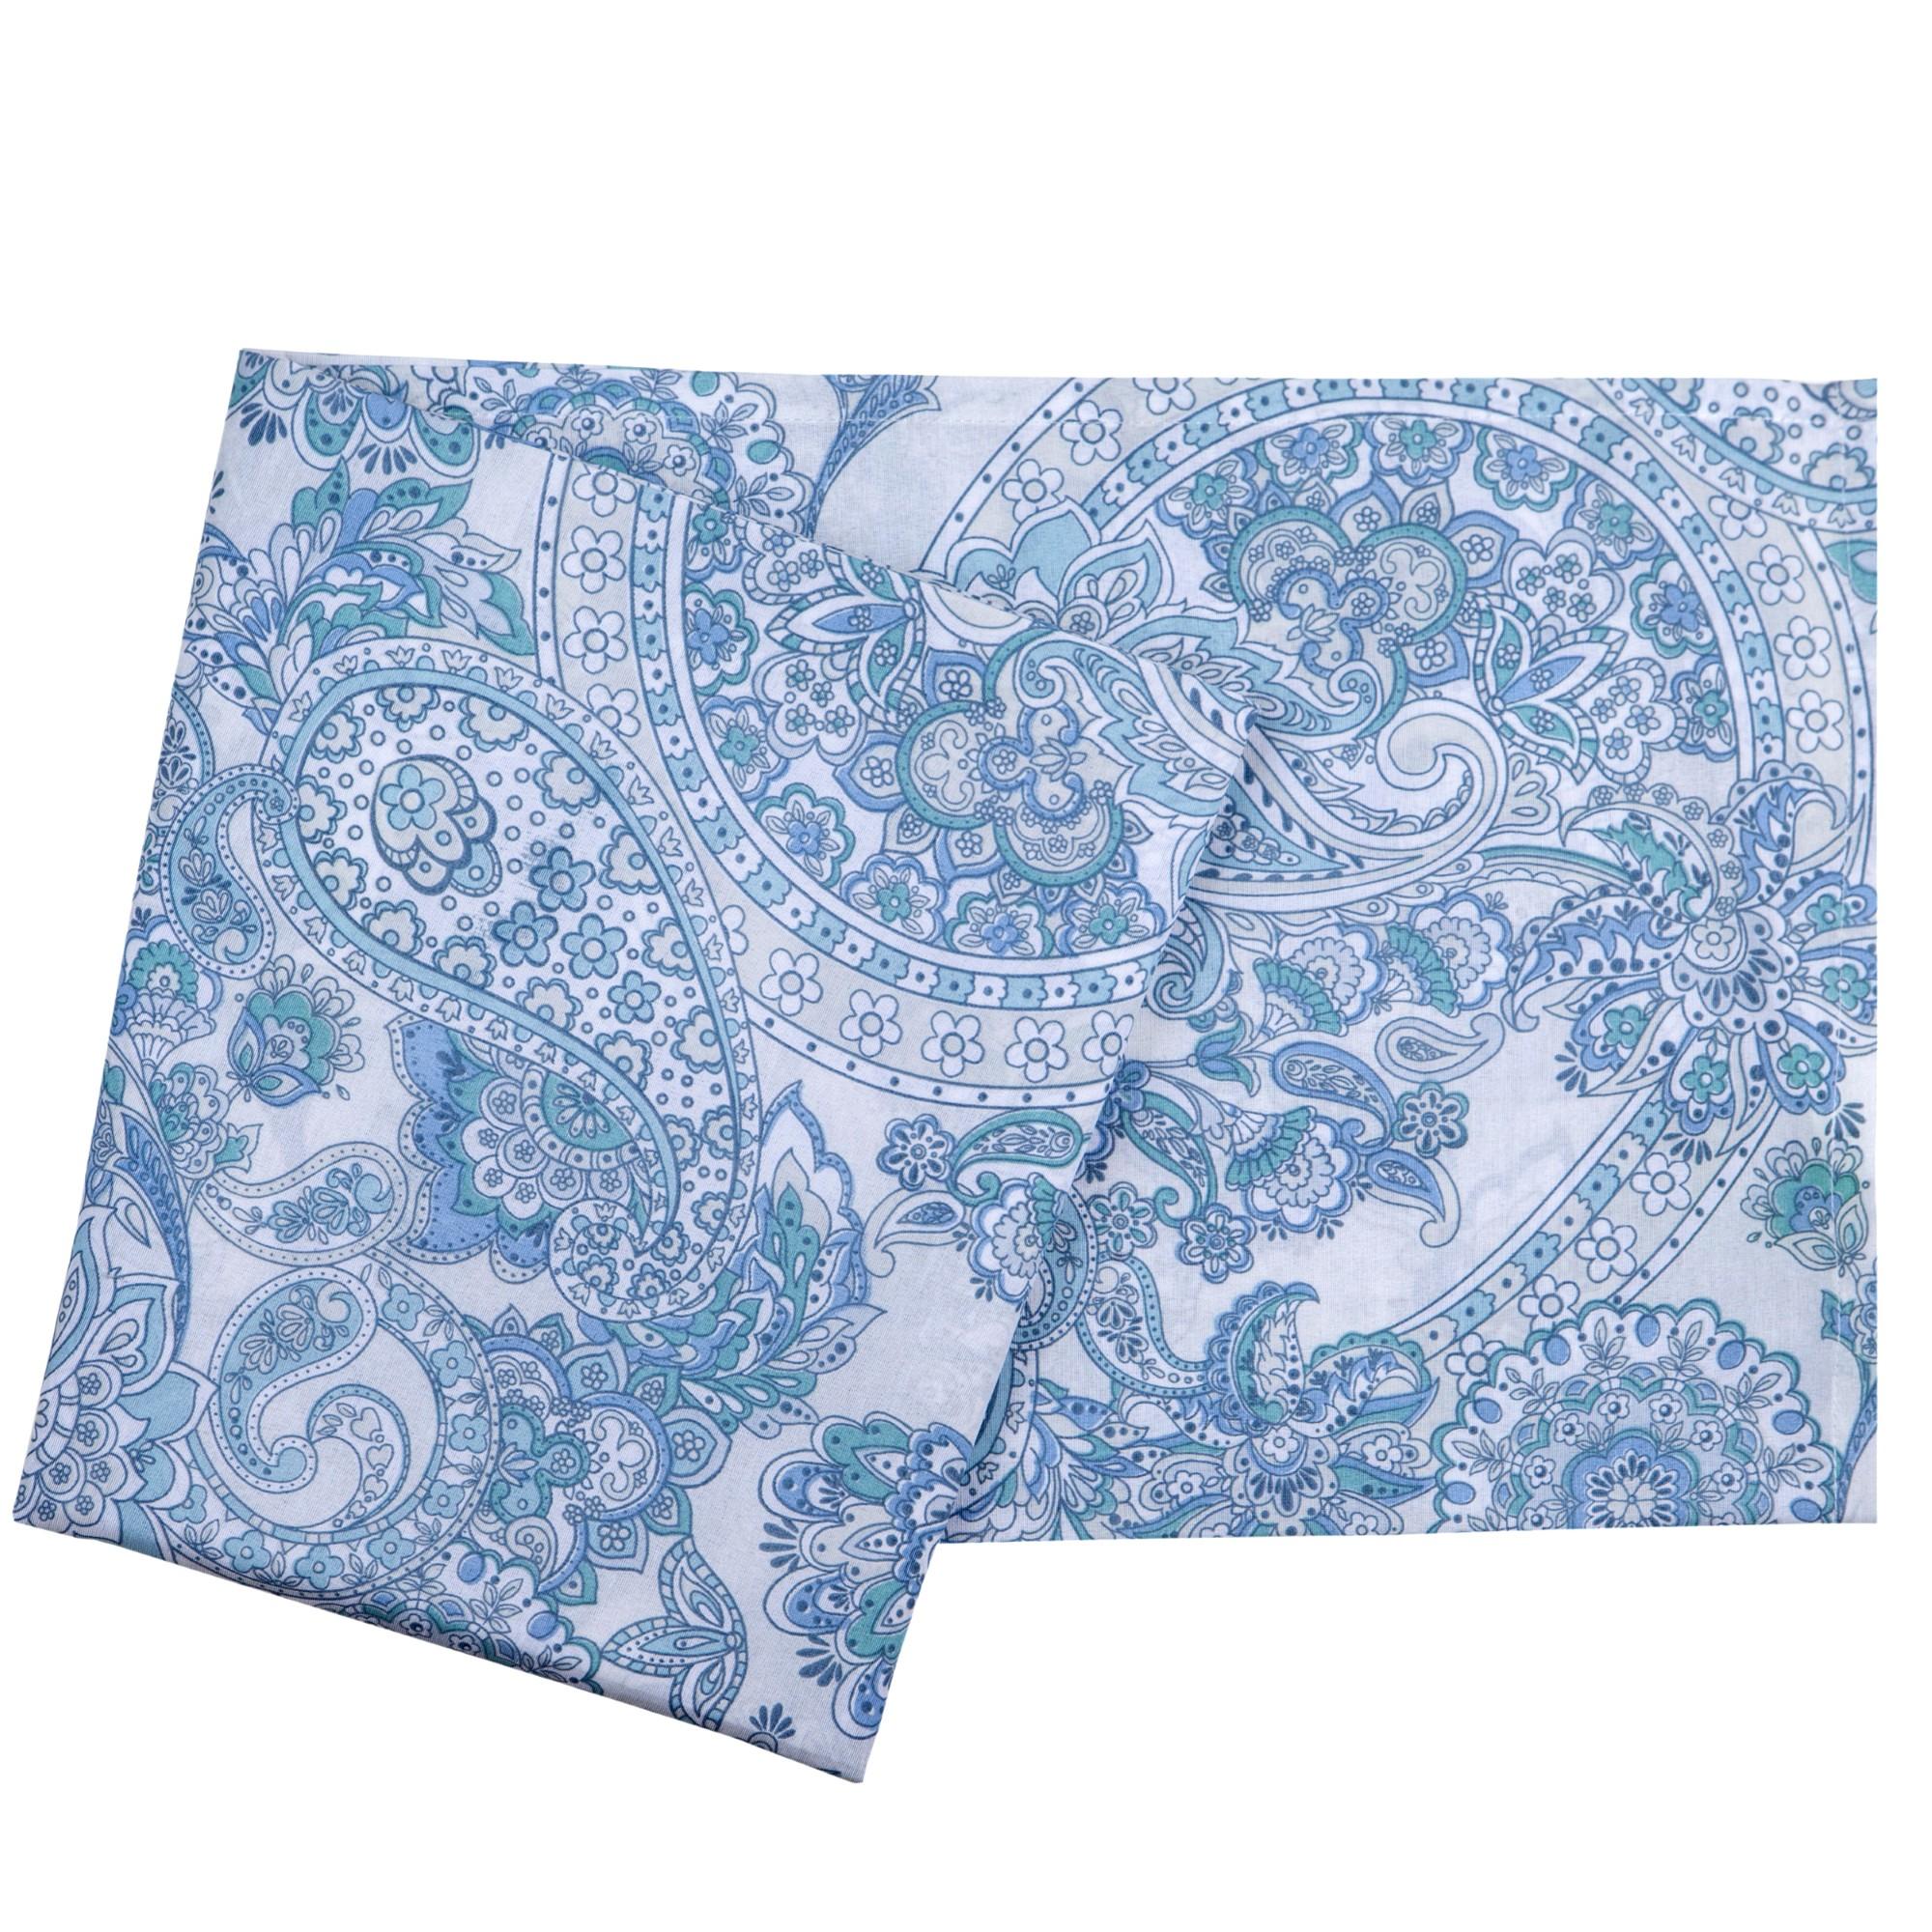 Toalha de Mesa Luane 160x160 Azul - Santista